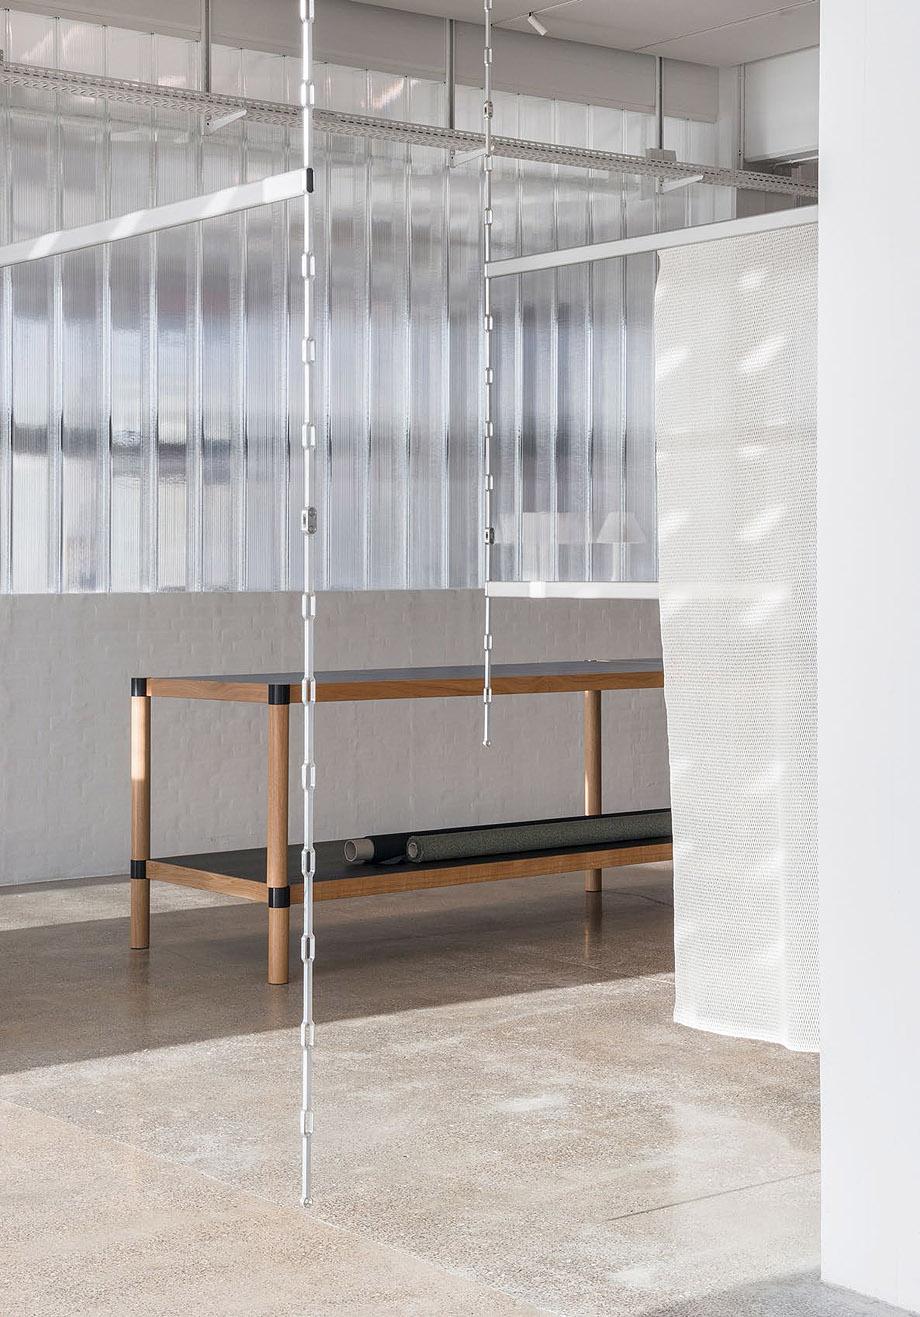 Studio Bouroullec Dise A El Nuevo Showroom De Kvadrat # Muebles Nuovo Cd Juarez